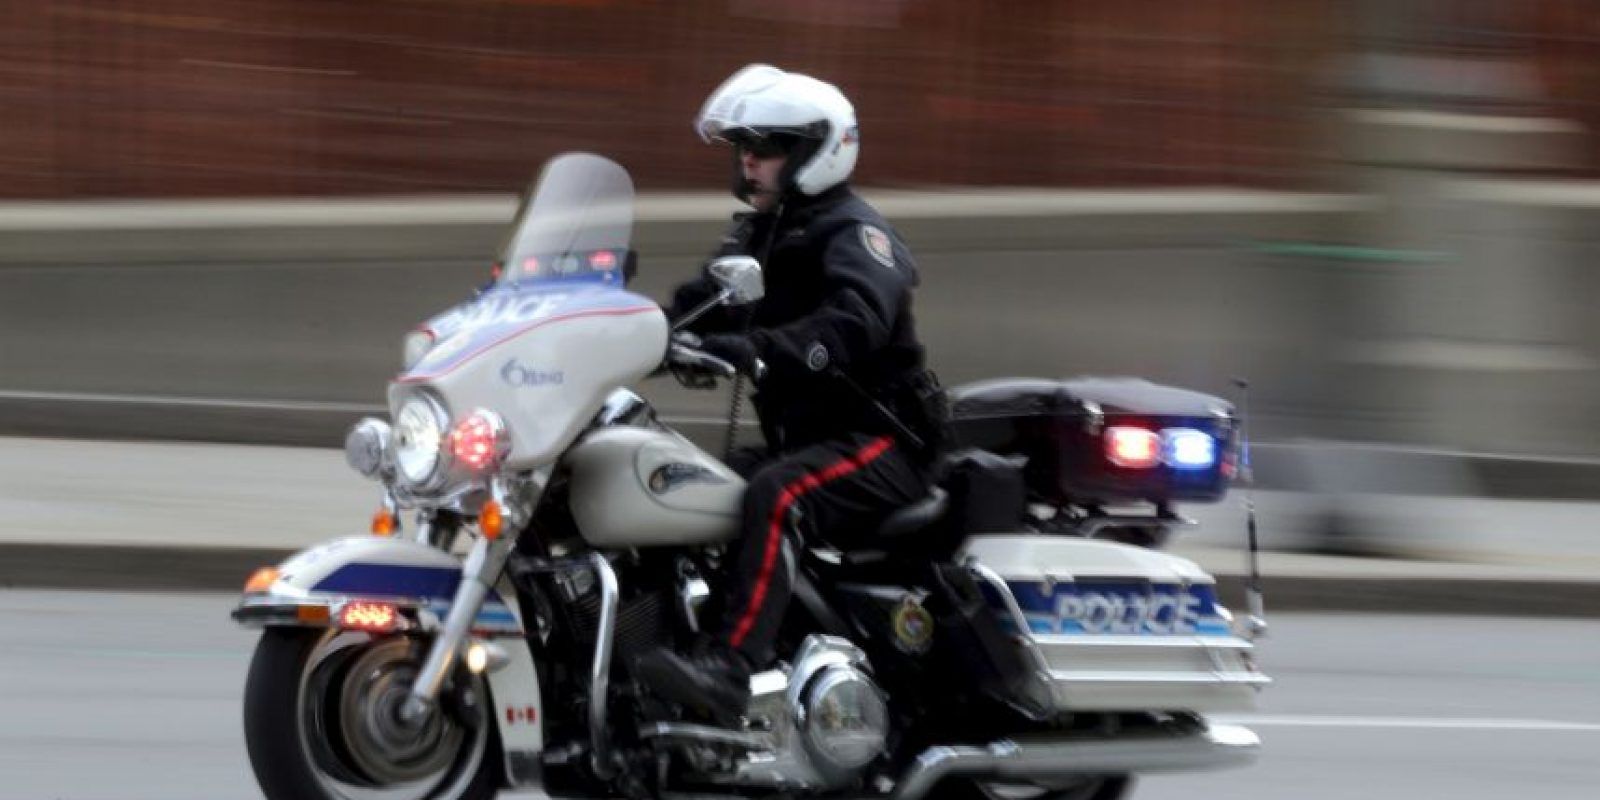 La grabación muestra como un delincuente sufre un accidente al querer huir de la policía en moto. Foto:Getty Images